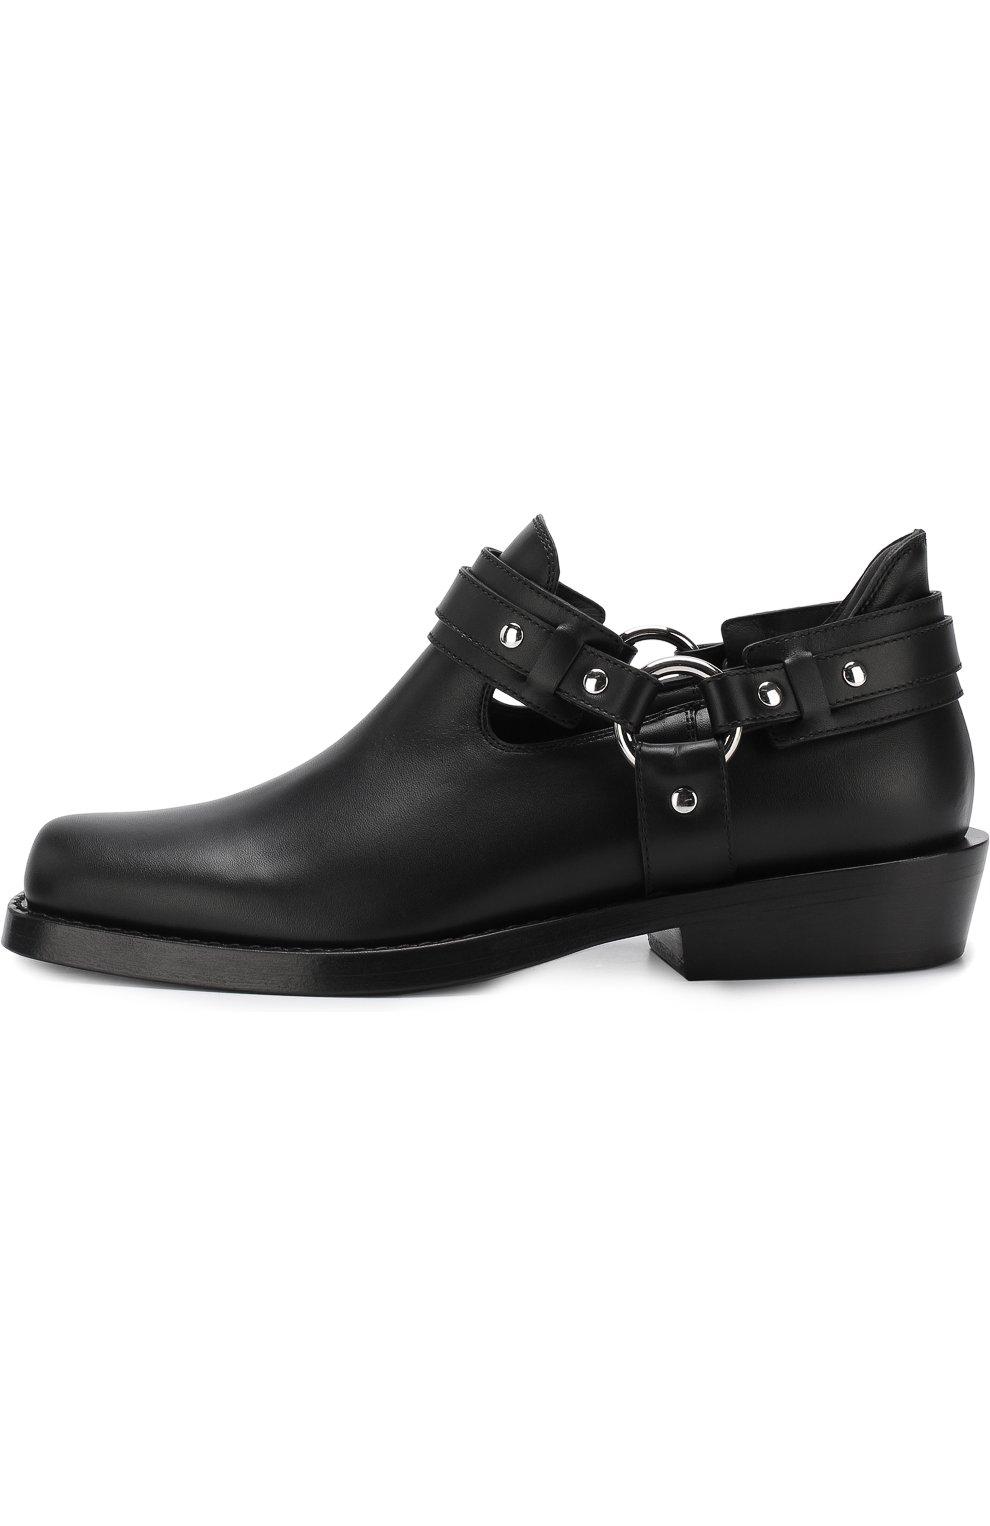 Женские кожаные ботинки с ремешками PACO RABANNE черного цвета, арт. 18PM0T0L03CAAFL   Фото 3 (Каблук высота: Низкий; Статус проверки: Проверено; Подошва: Плоская)